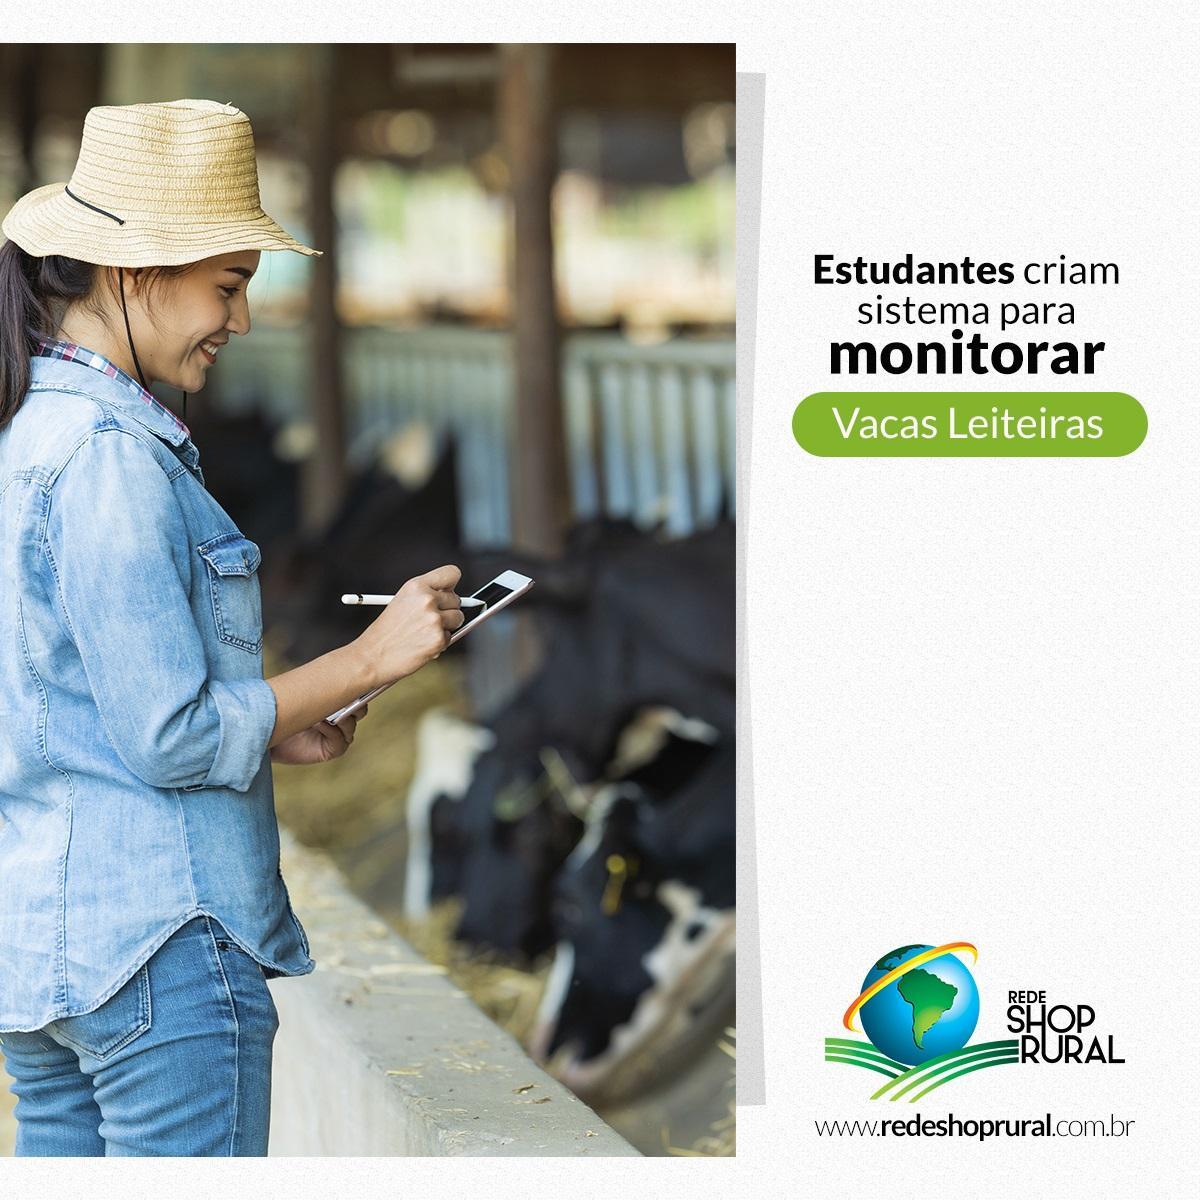 Estudantes criam sistema para monitorar vacas leiteiras